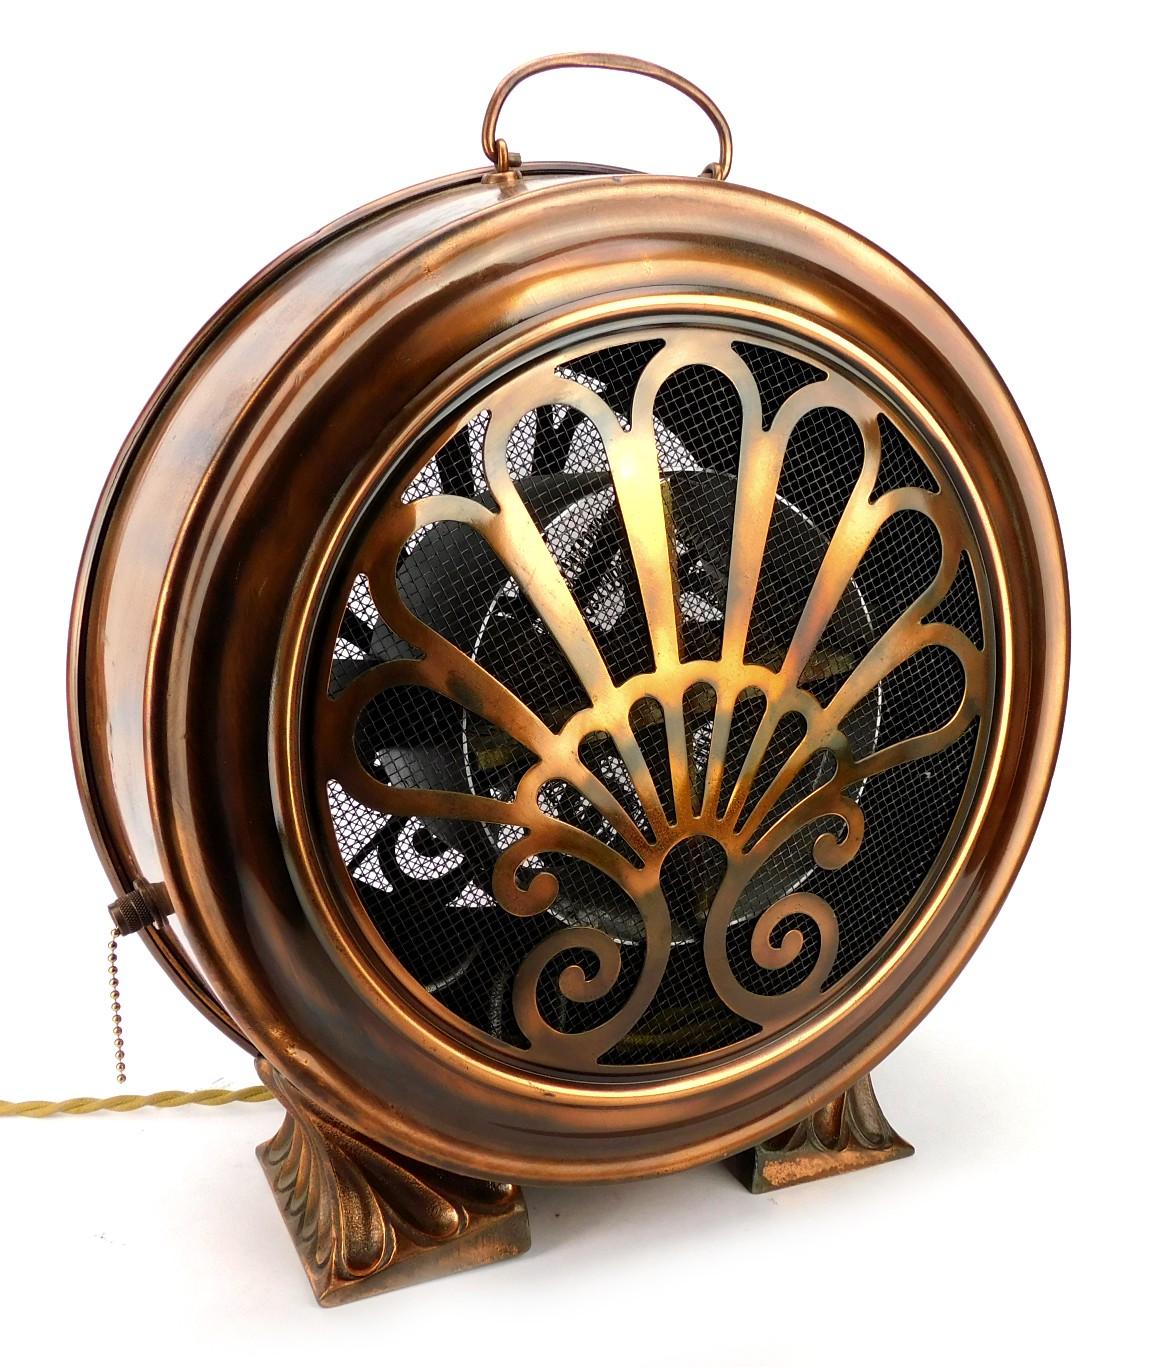 Circa 1930's Restored Art Deco Electric Heater Brushed Copper